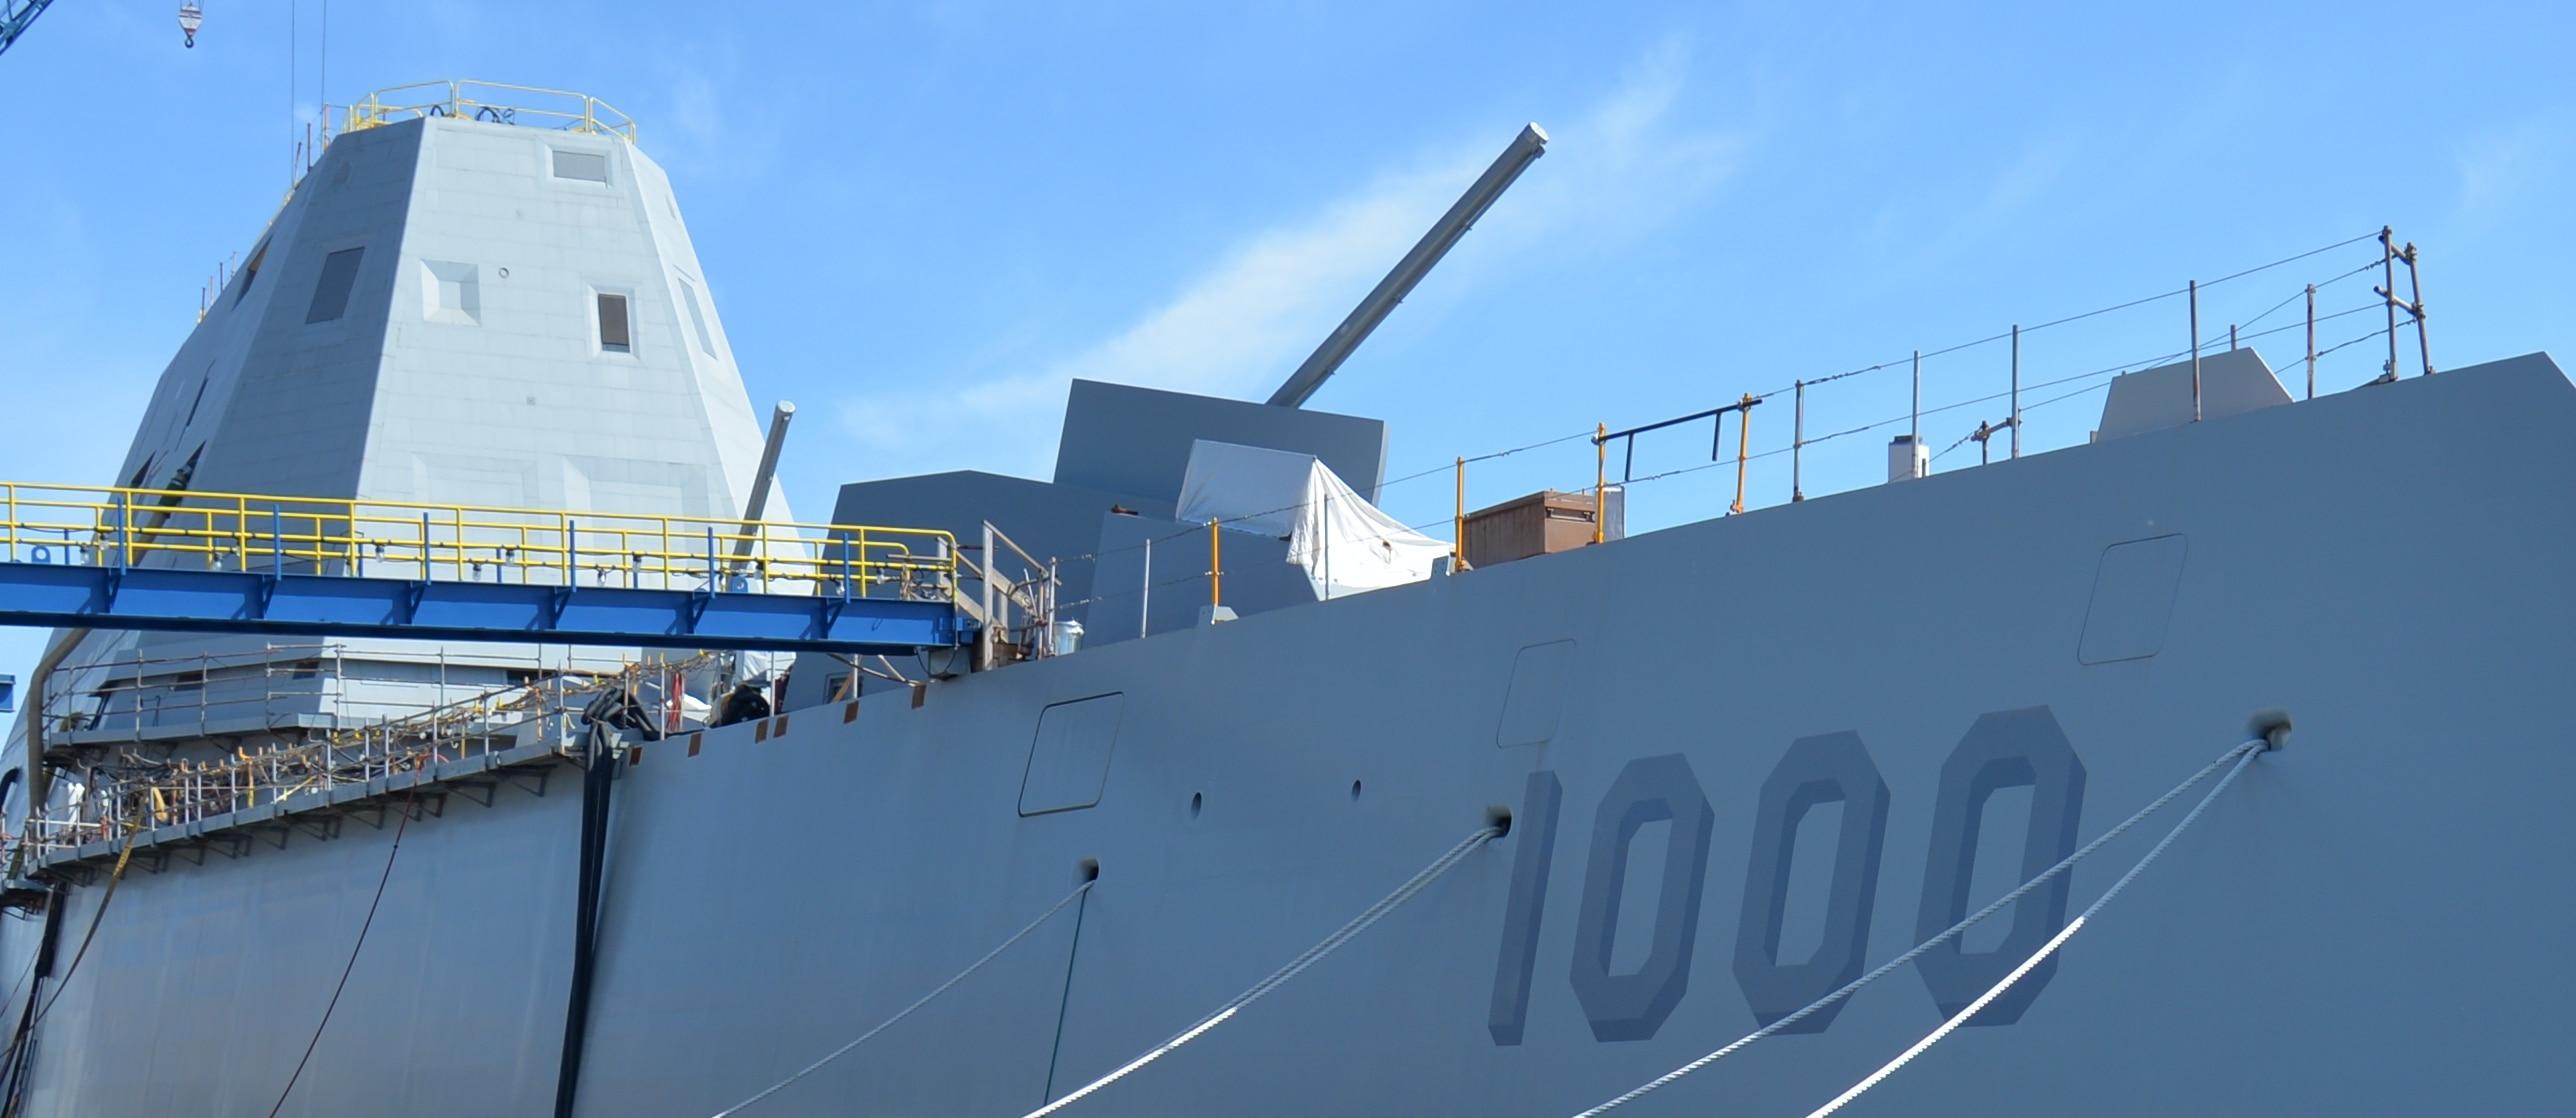 New Warship's Big Guns Have No Bullets